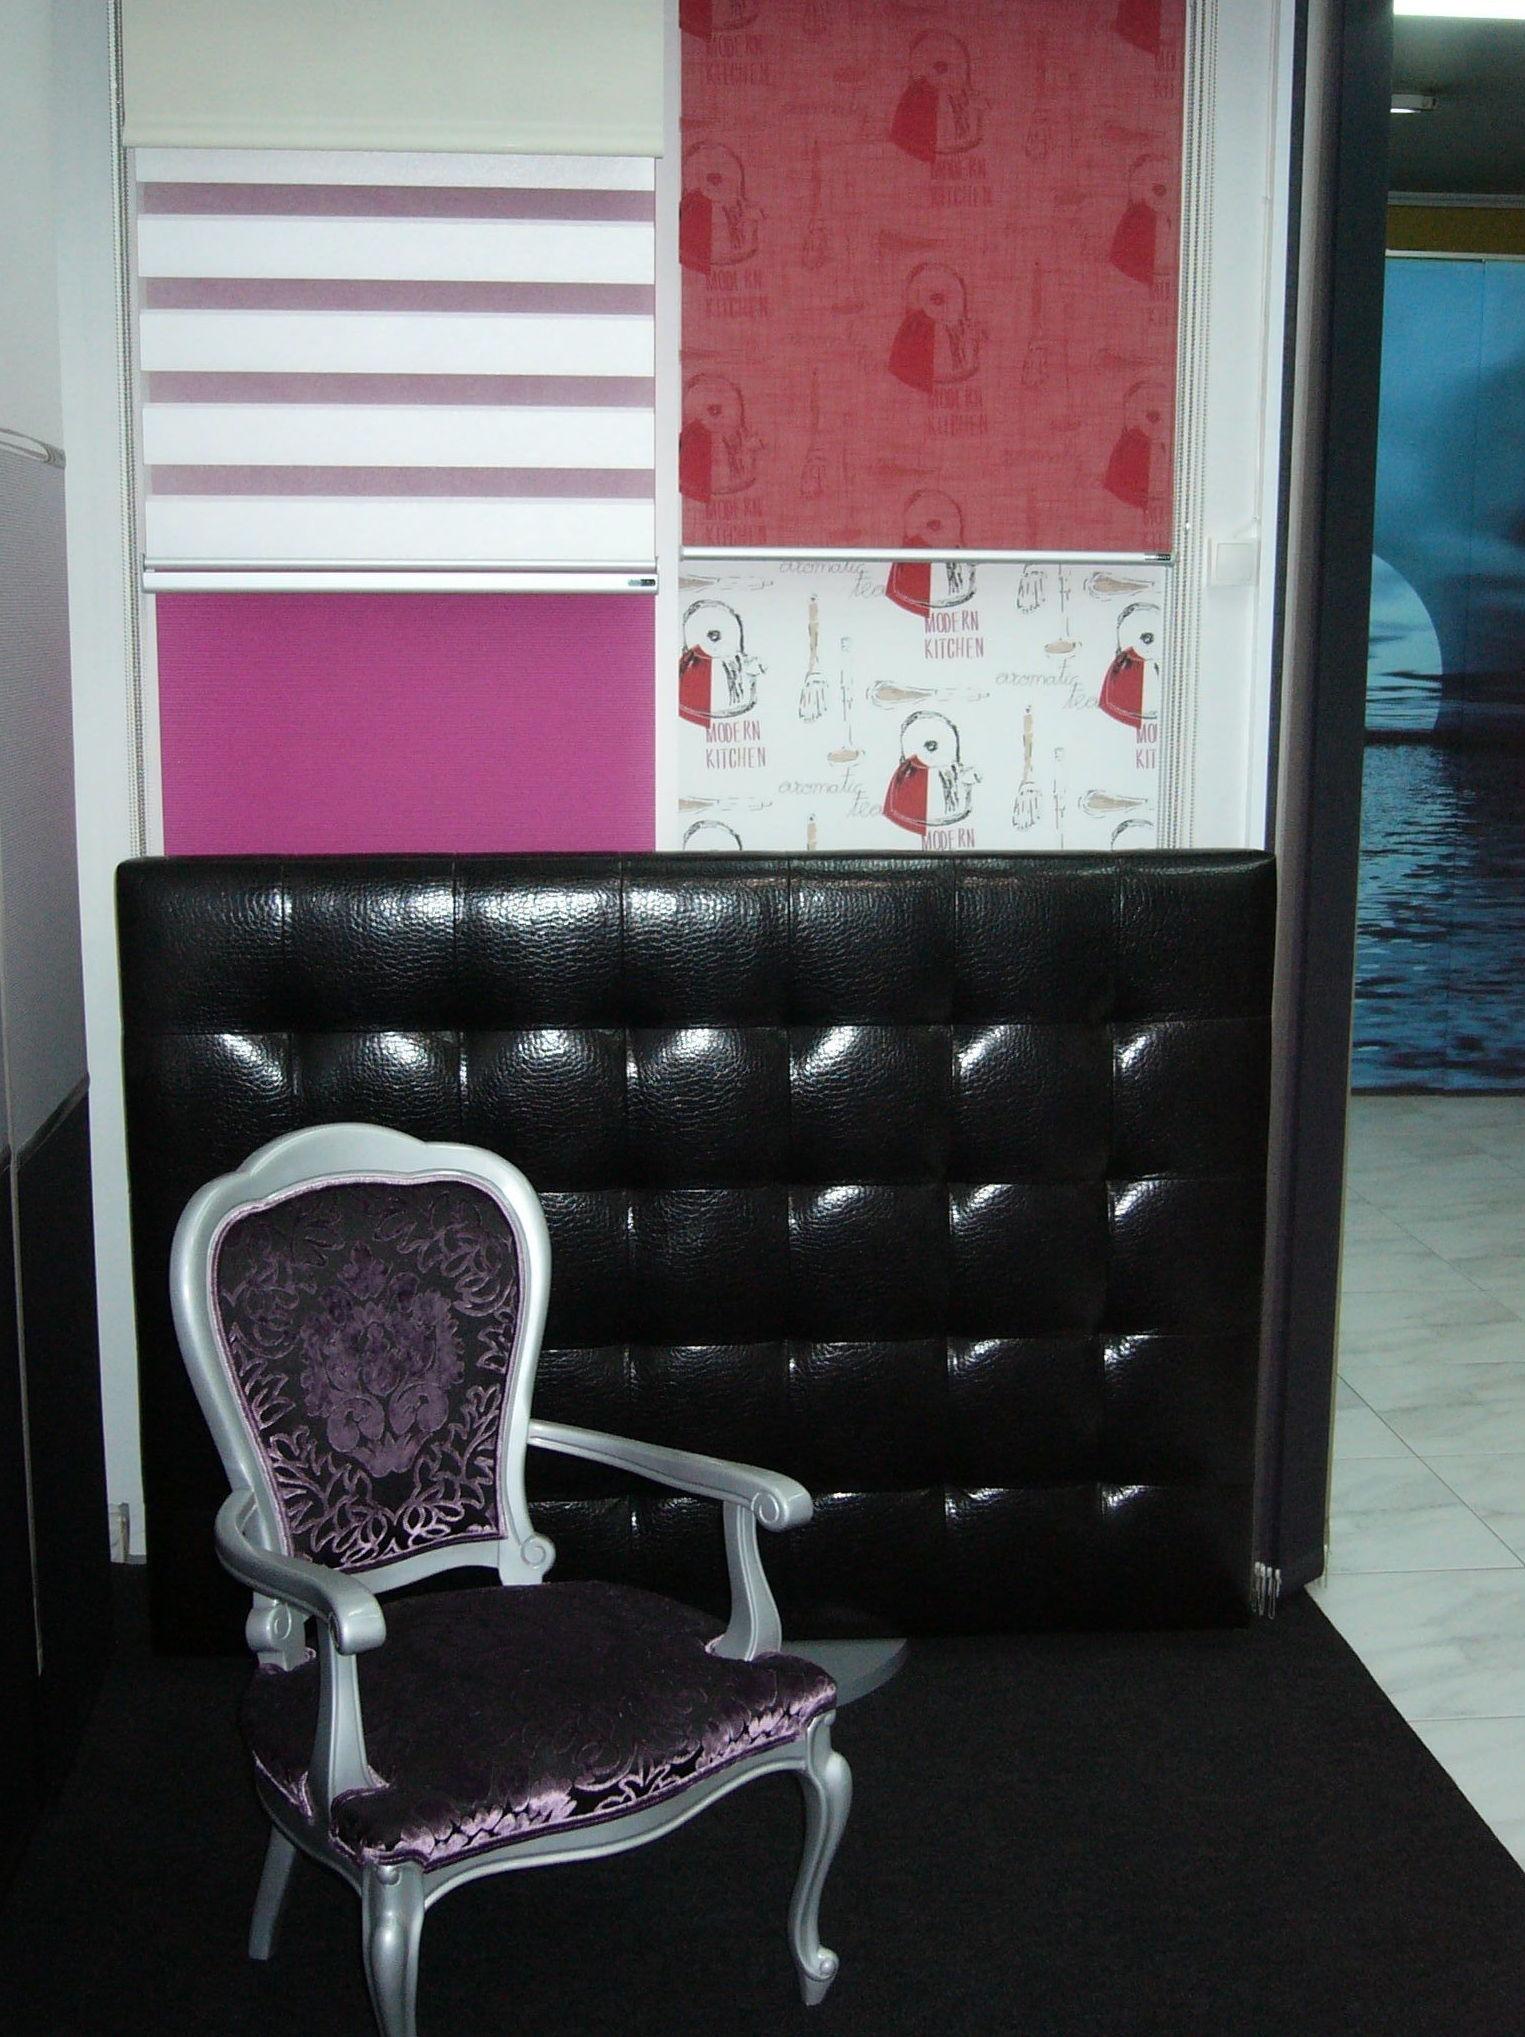 Sillones, sofás, sillas, bancos, taburetes tapizados